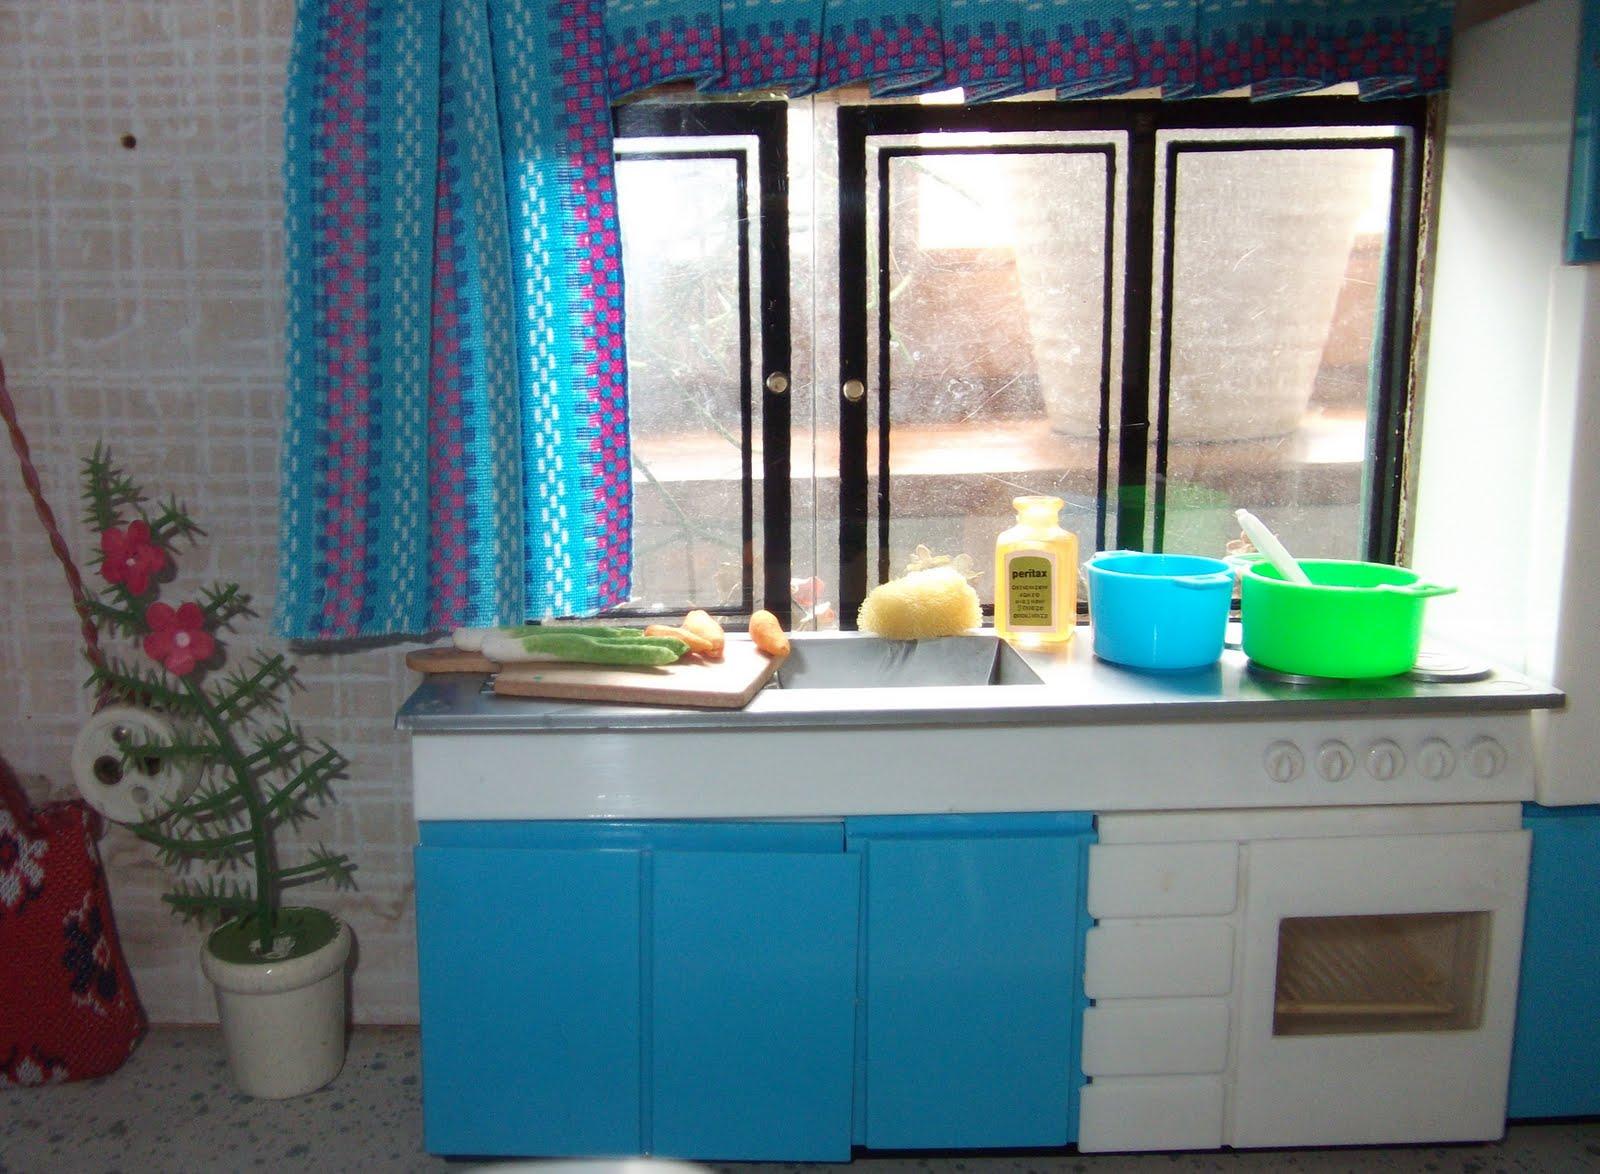 lillis puppenstube august 2011. Black Bedroom Furniture Sets. Home Design Ideas